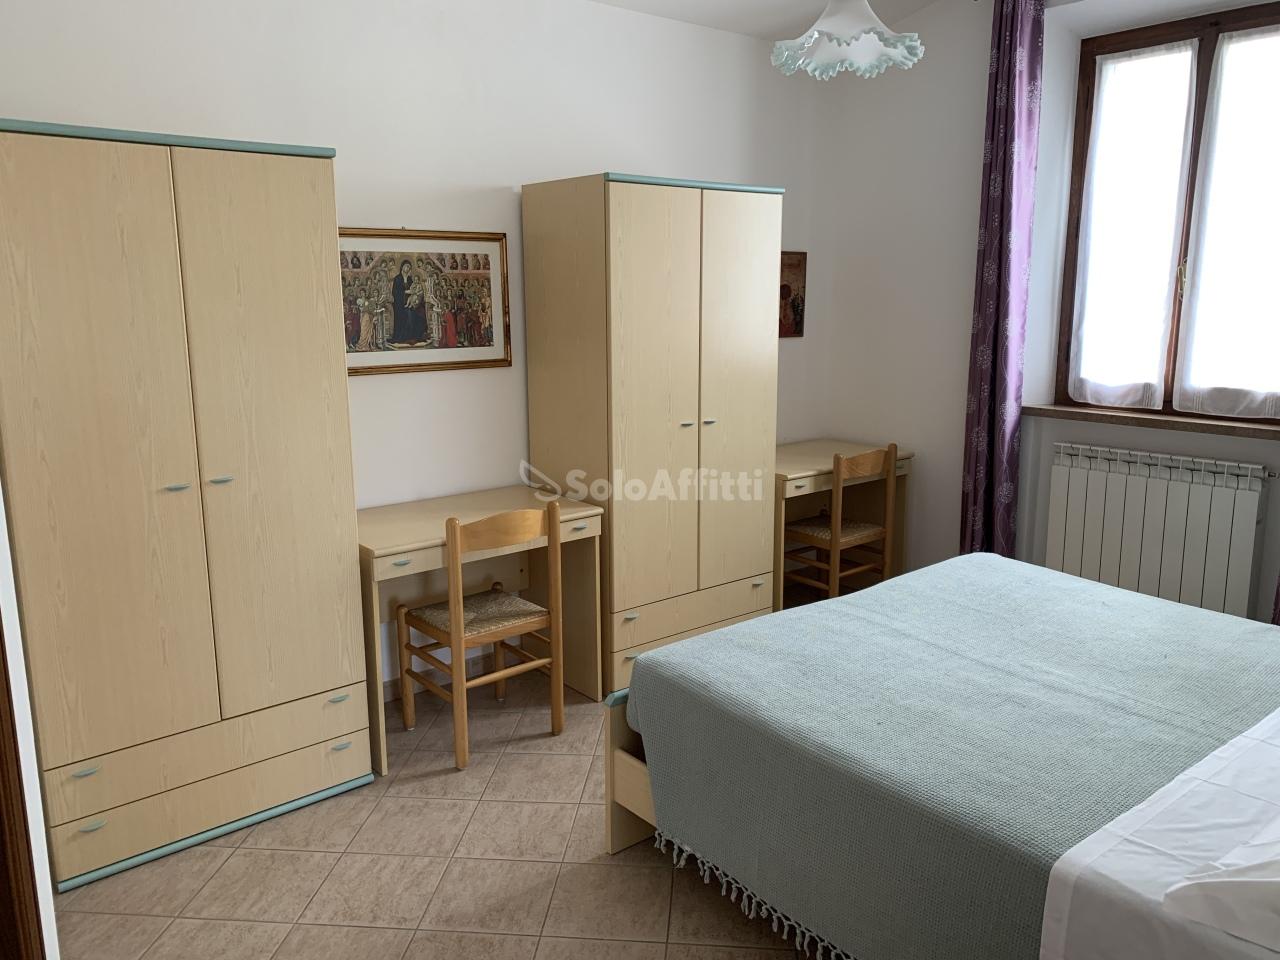 Appartamento - Bilocale a Coroncina, Siena